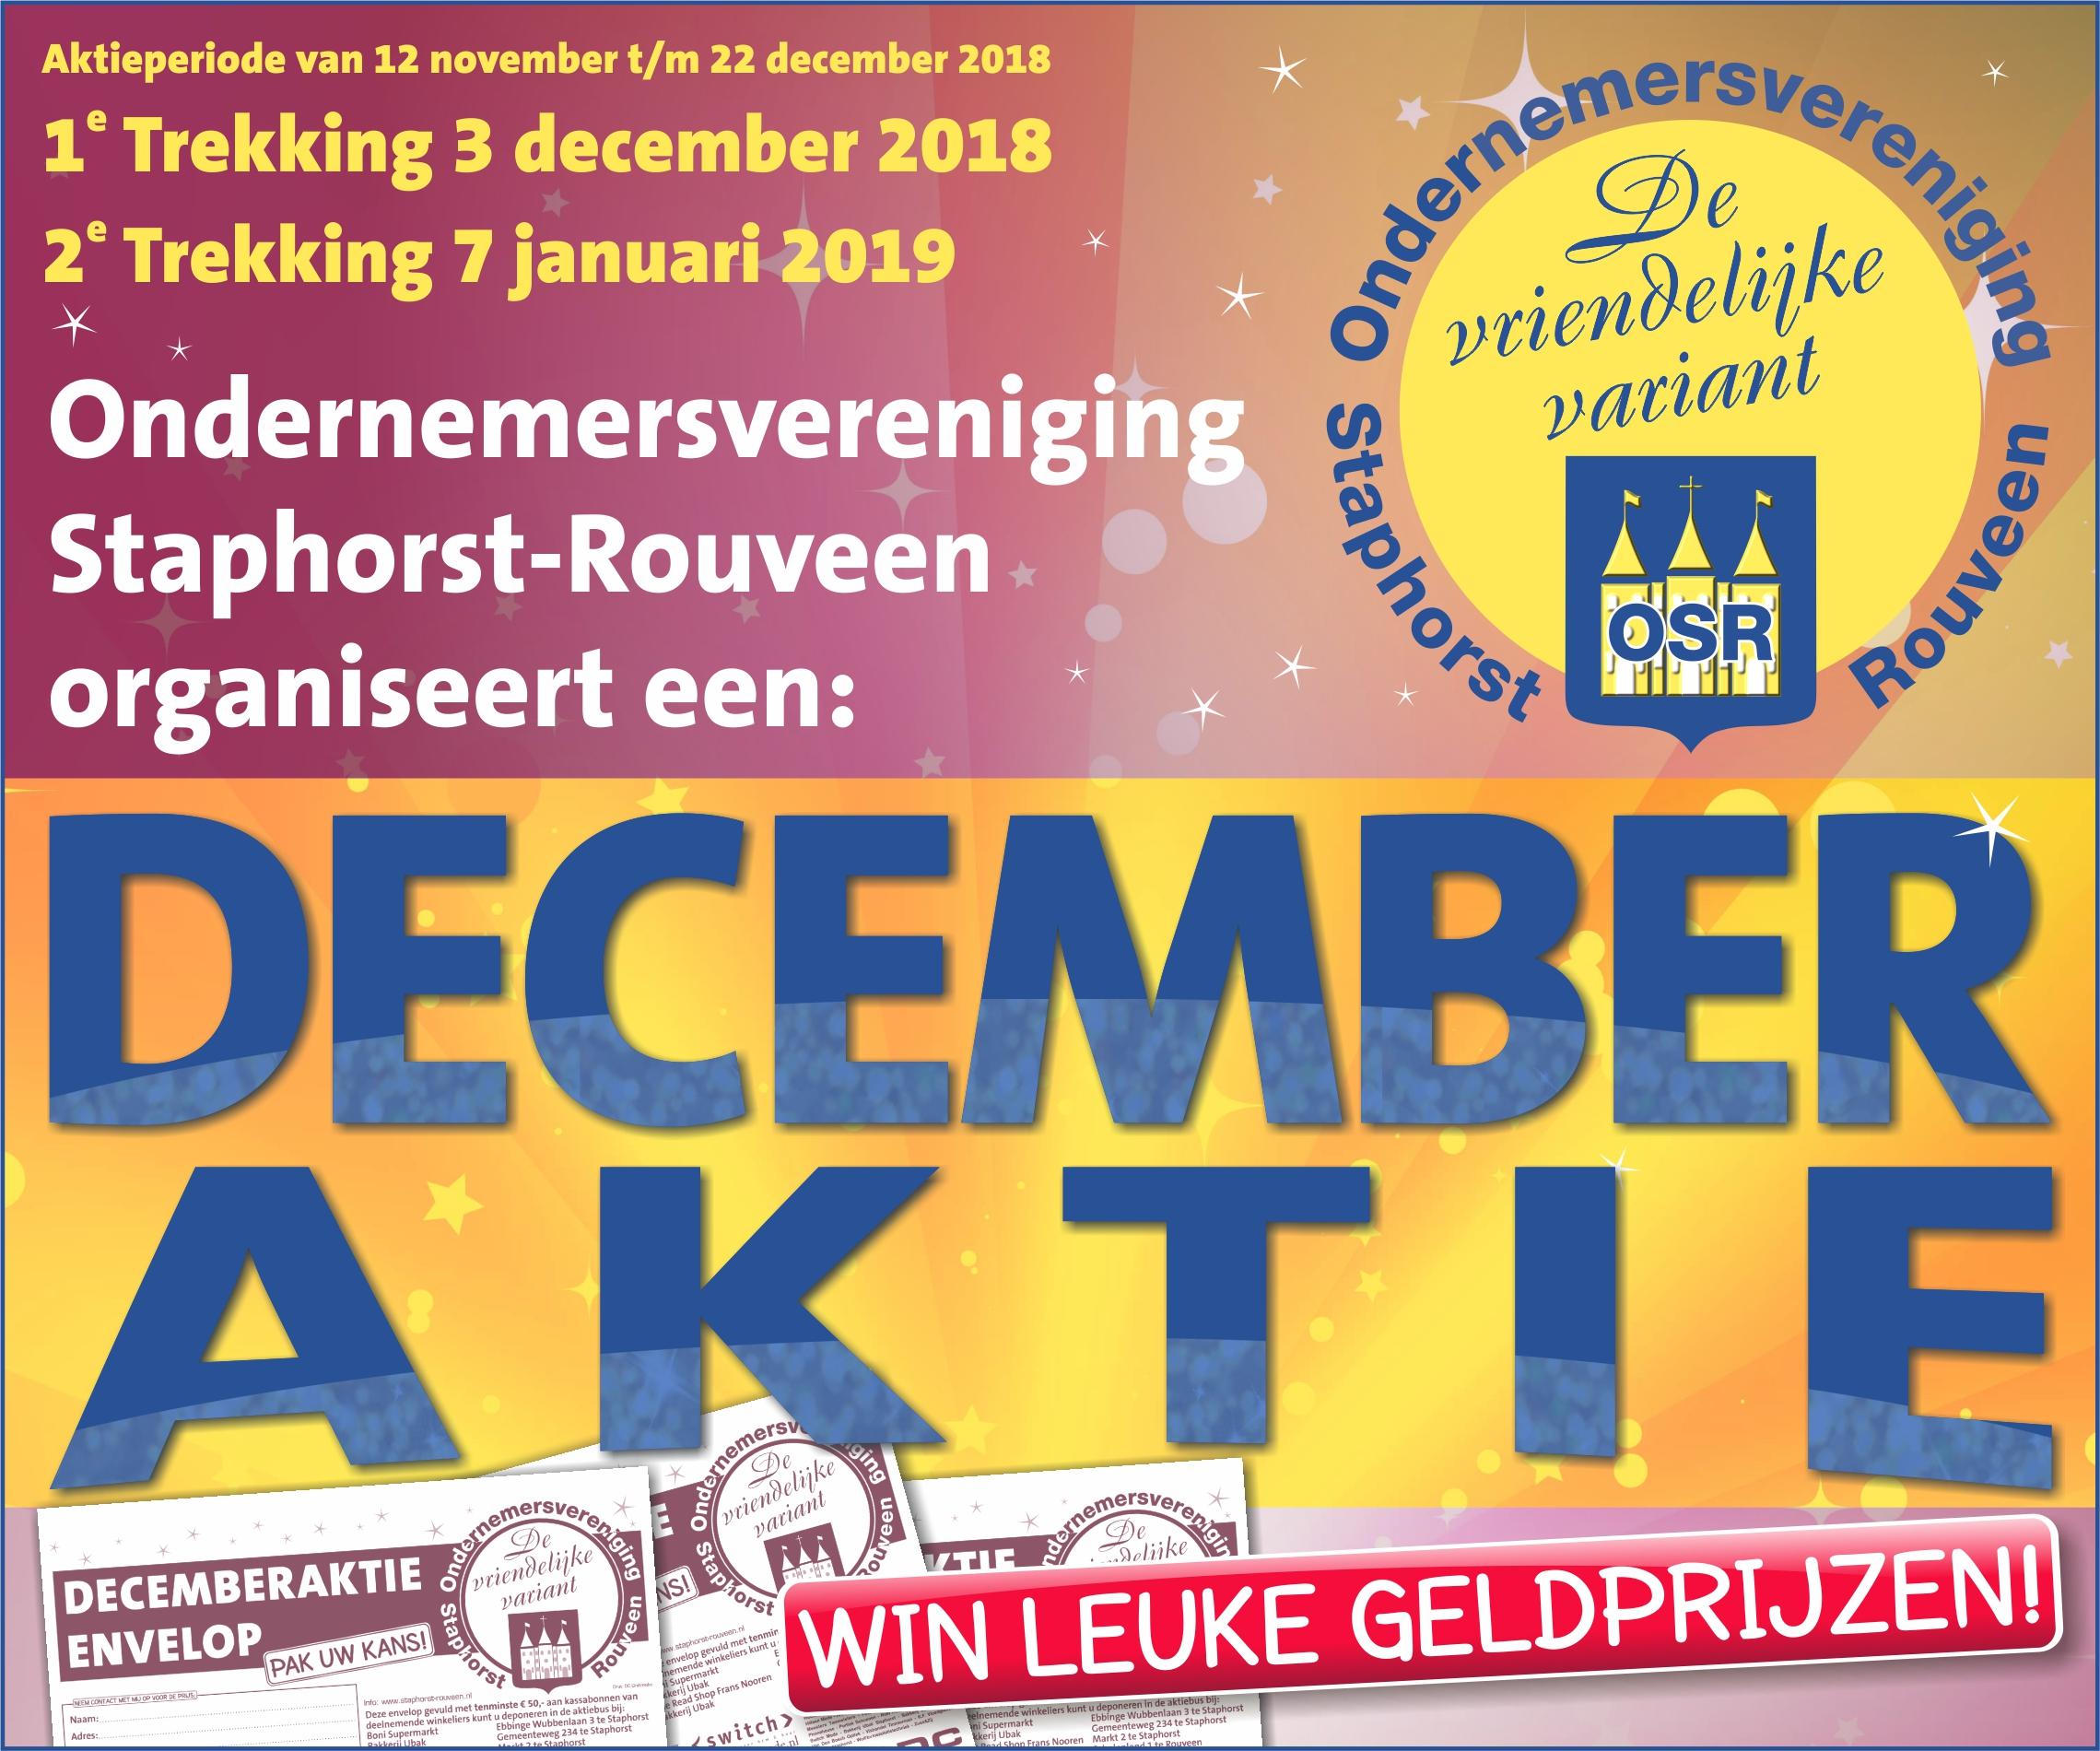 Win leuke geldprijzen met de decemberaktie van de Ondernemersvereniging Staphorst-Rouveen.